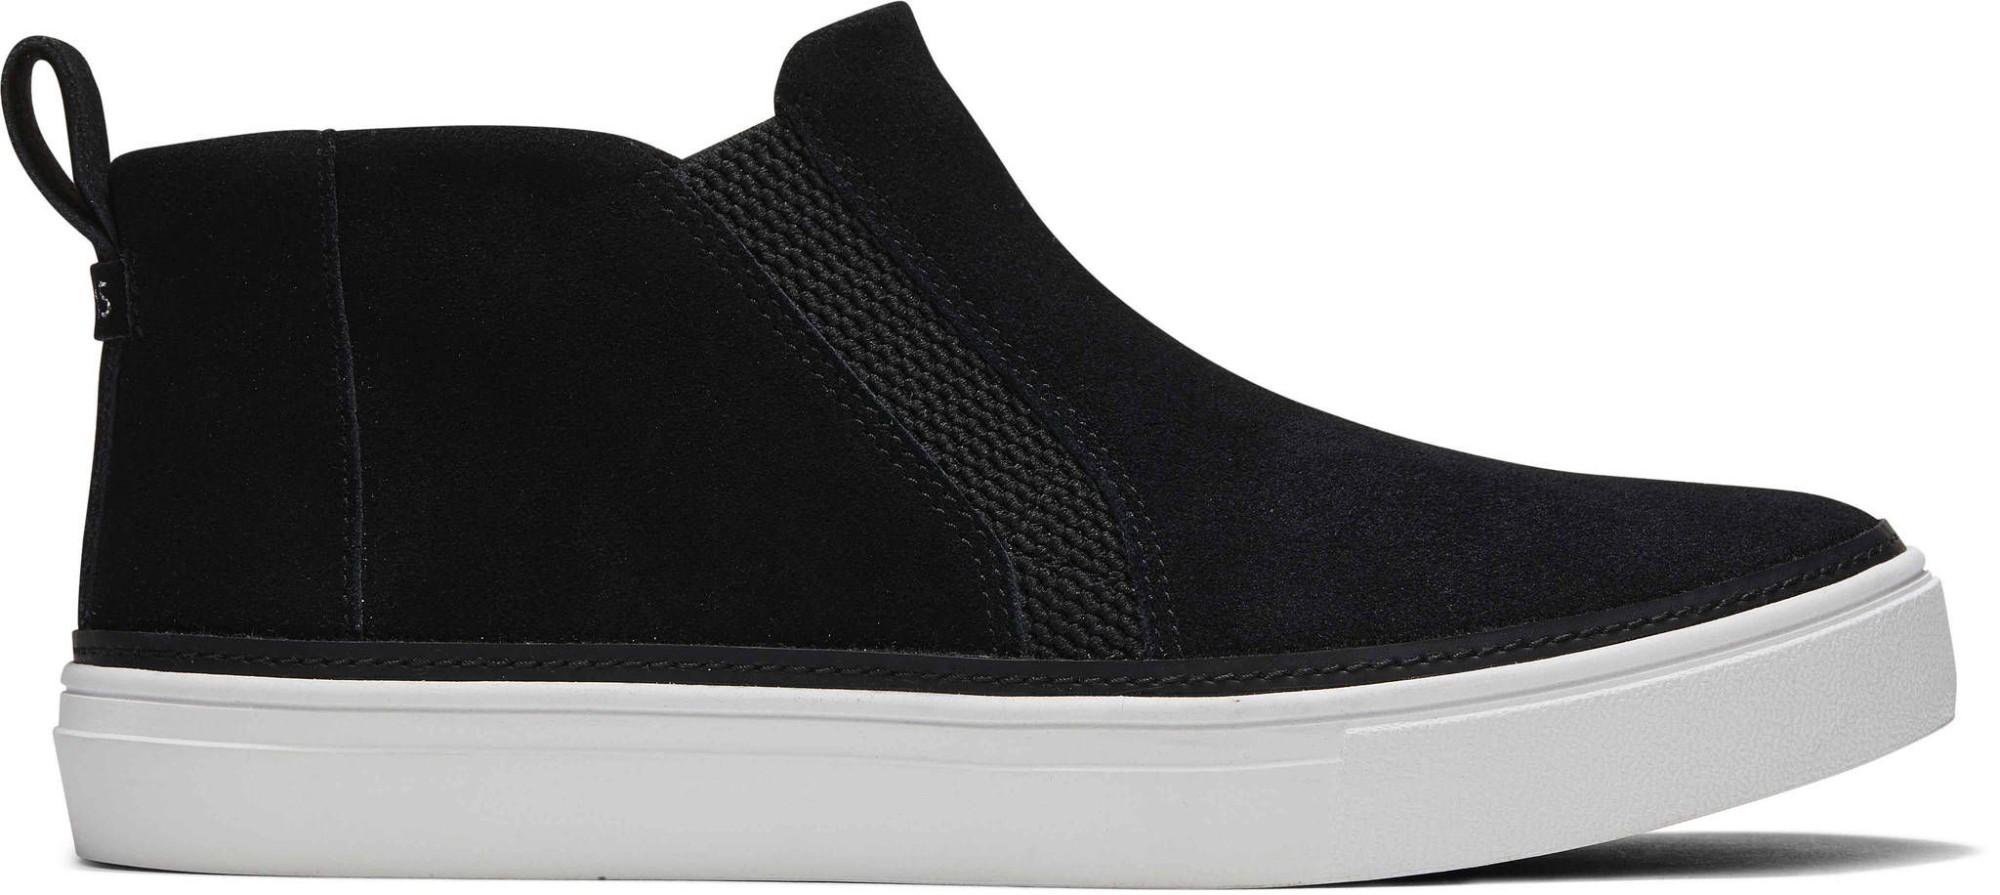 TOMS Suede Women's Slip-On Bryce Sneaker Black 39